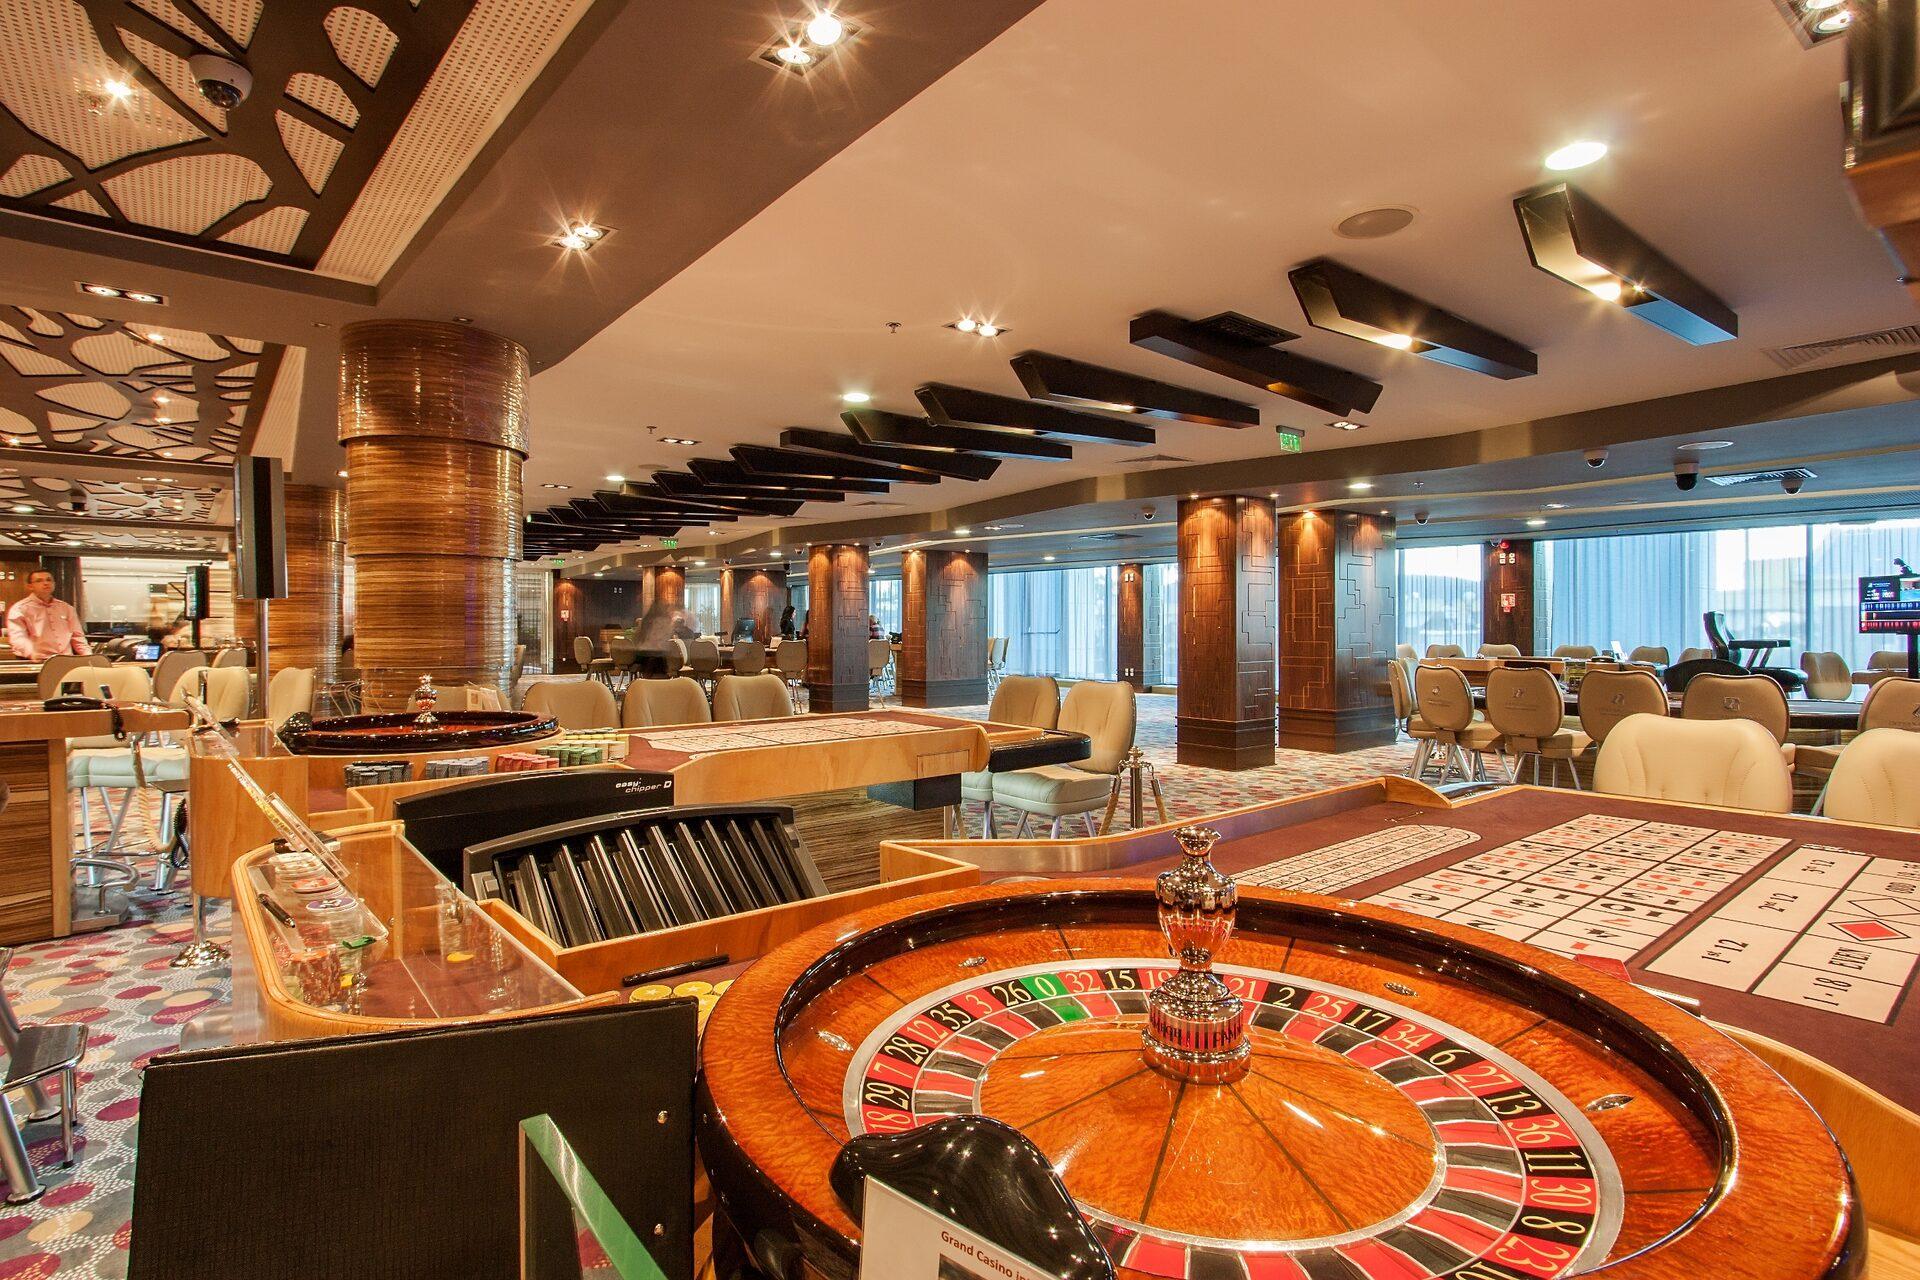 Гранд казино хотел интернационал джойказино официальный сайт регистрация бесплатно